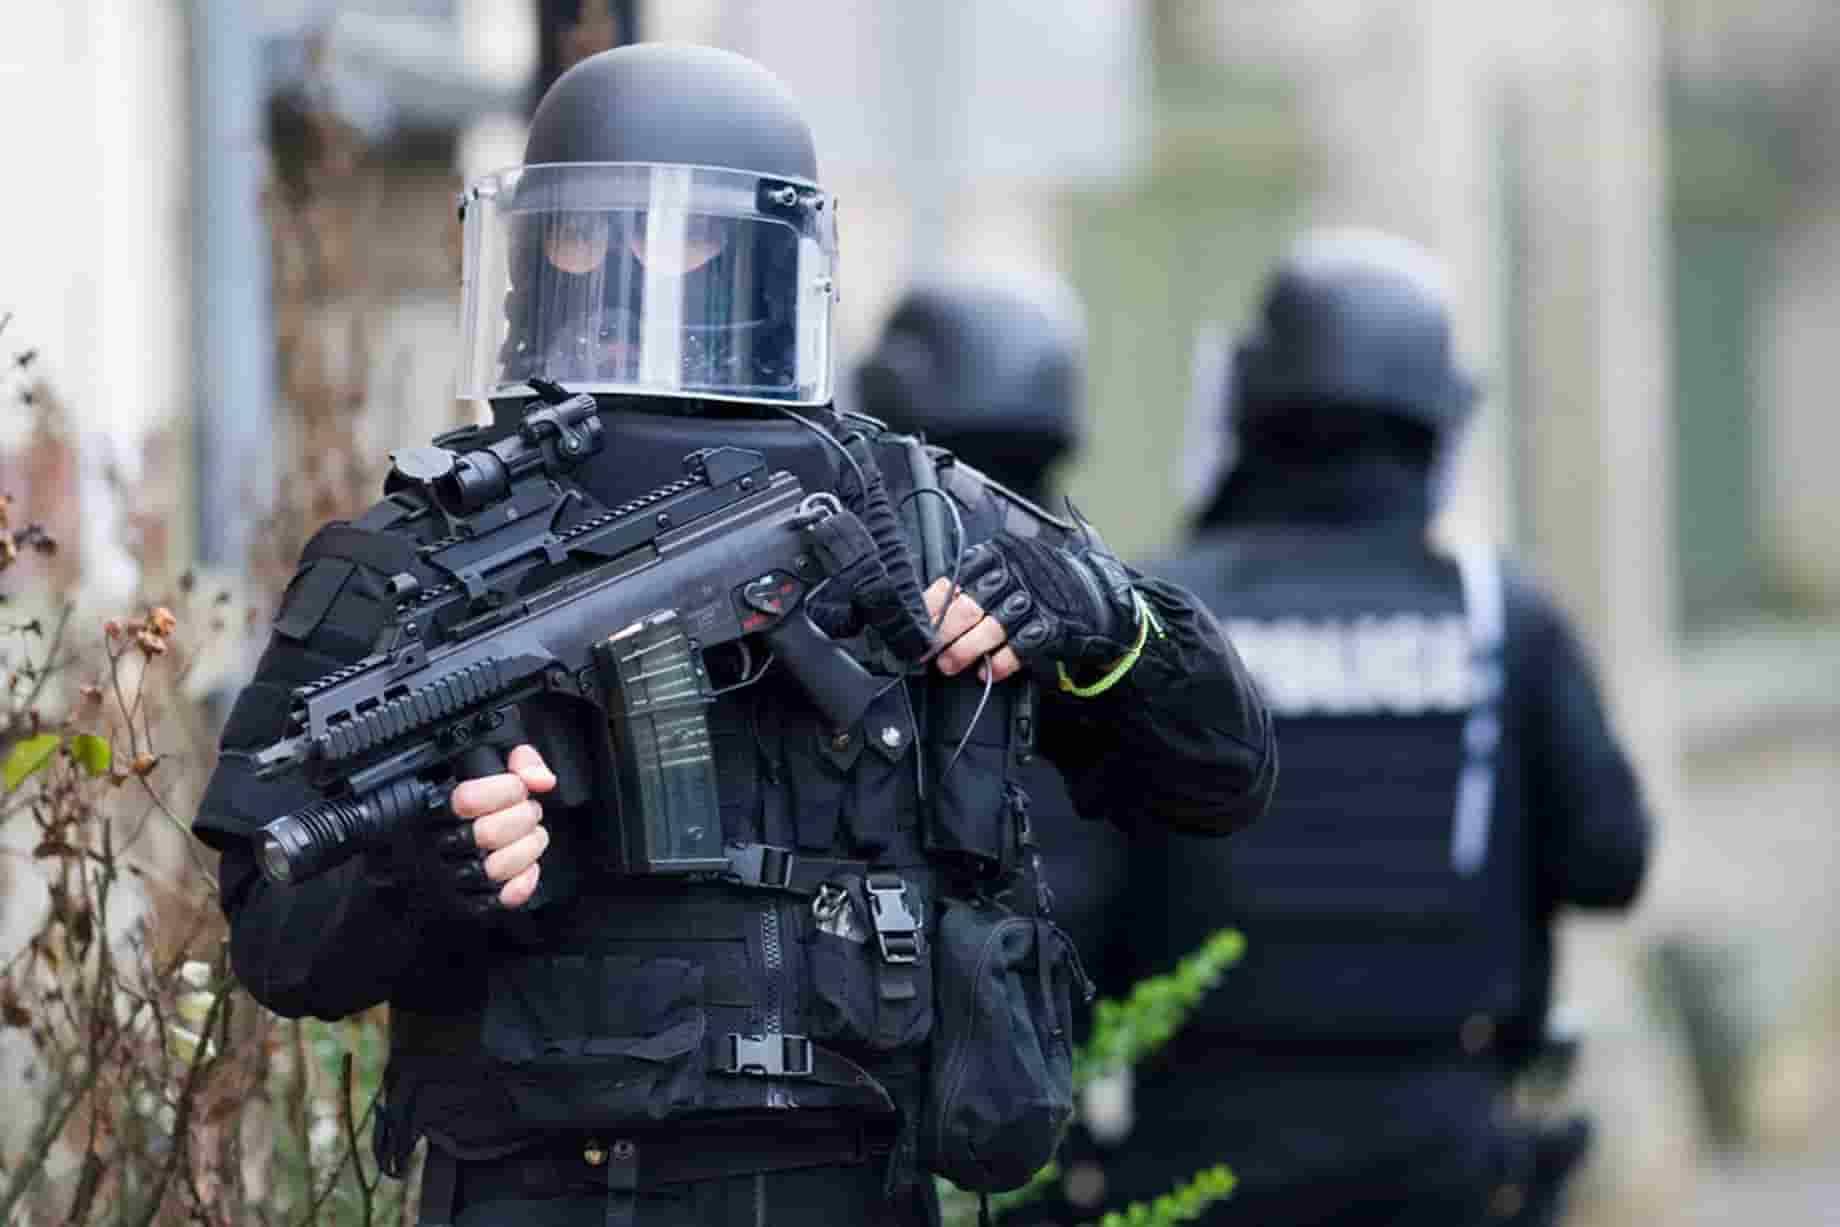 Lourdes, ex militare barricato in casa con due ostaggi: è armato